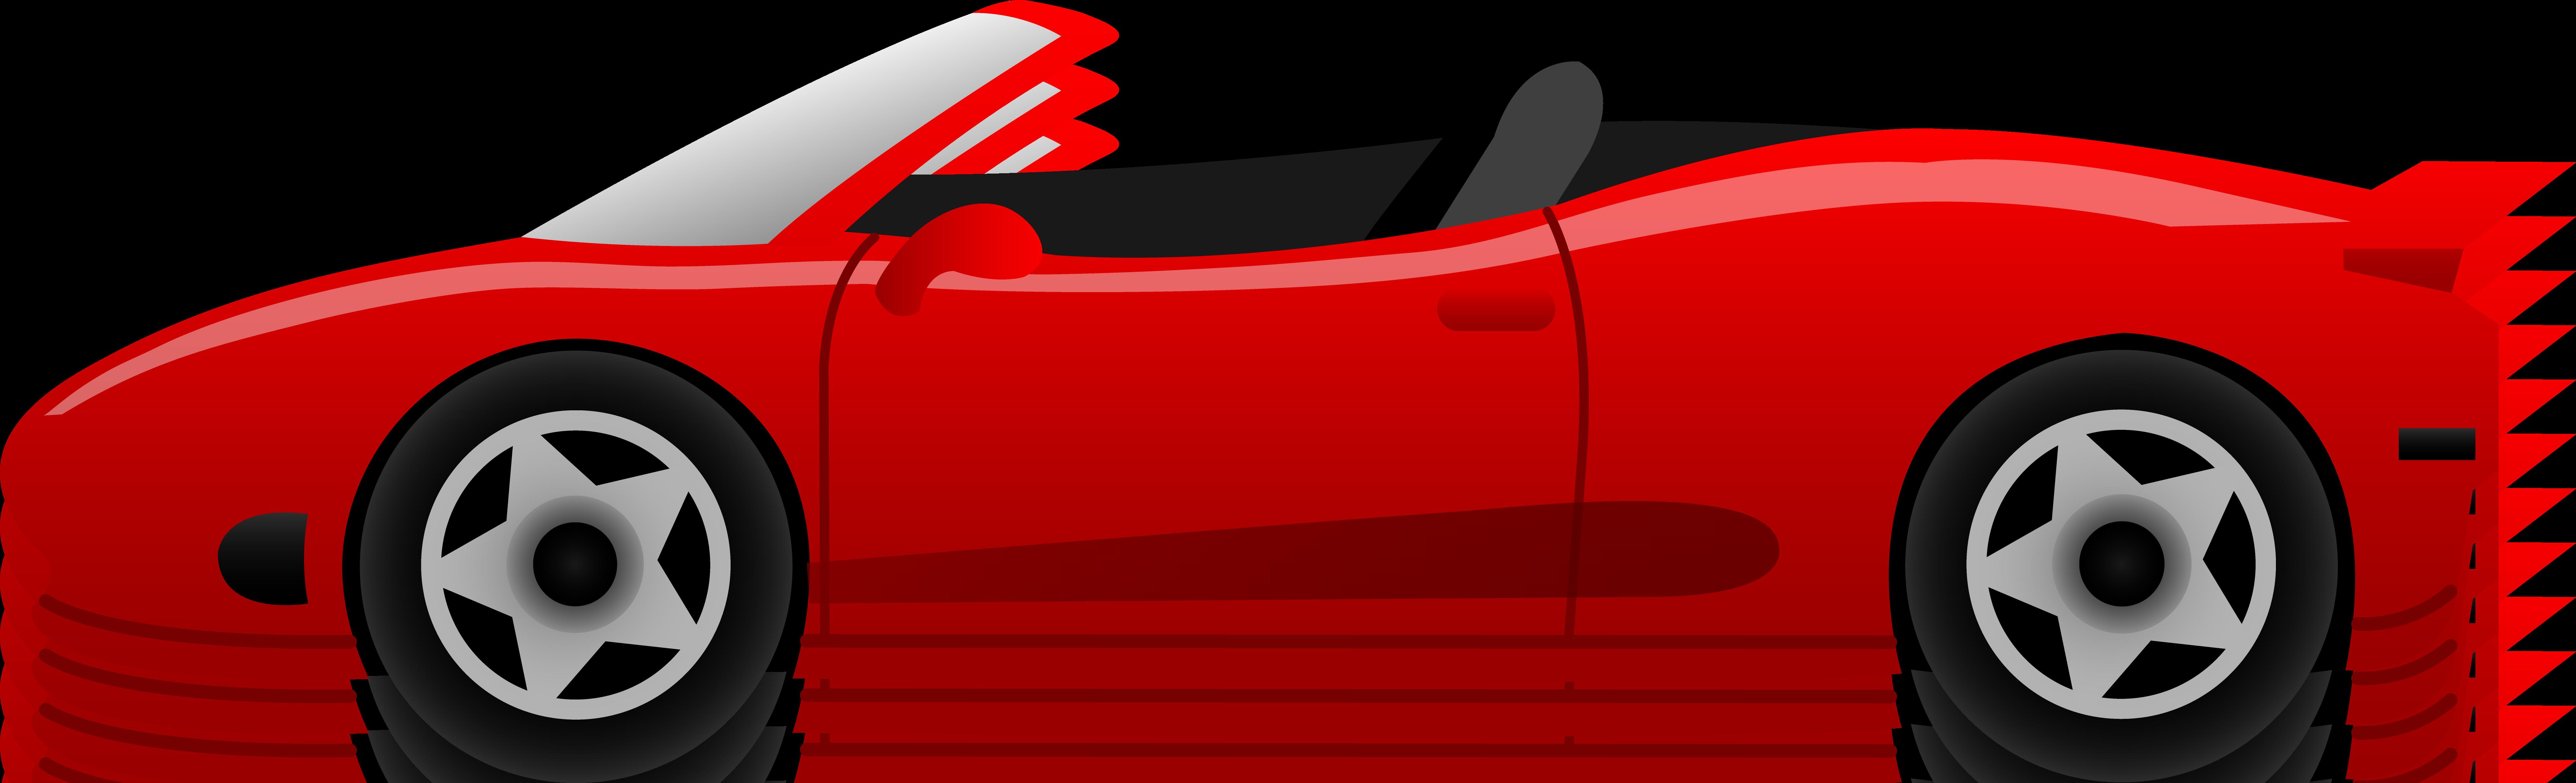 7863x2391 Car Clipart Png